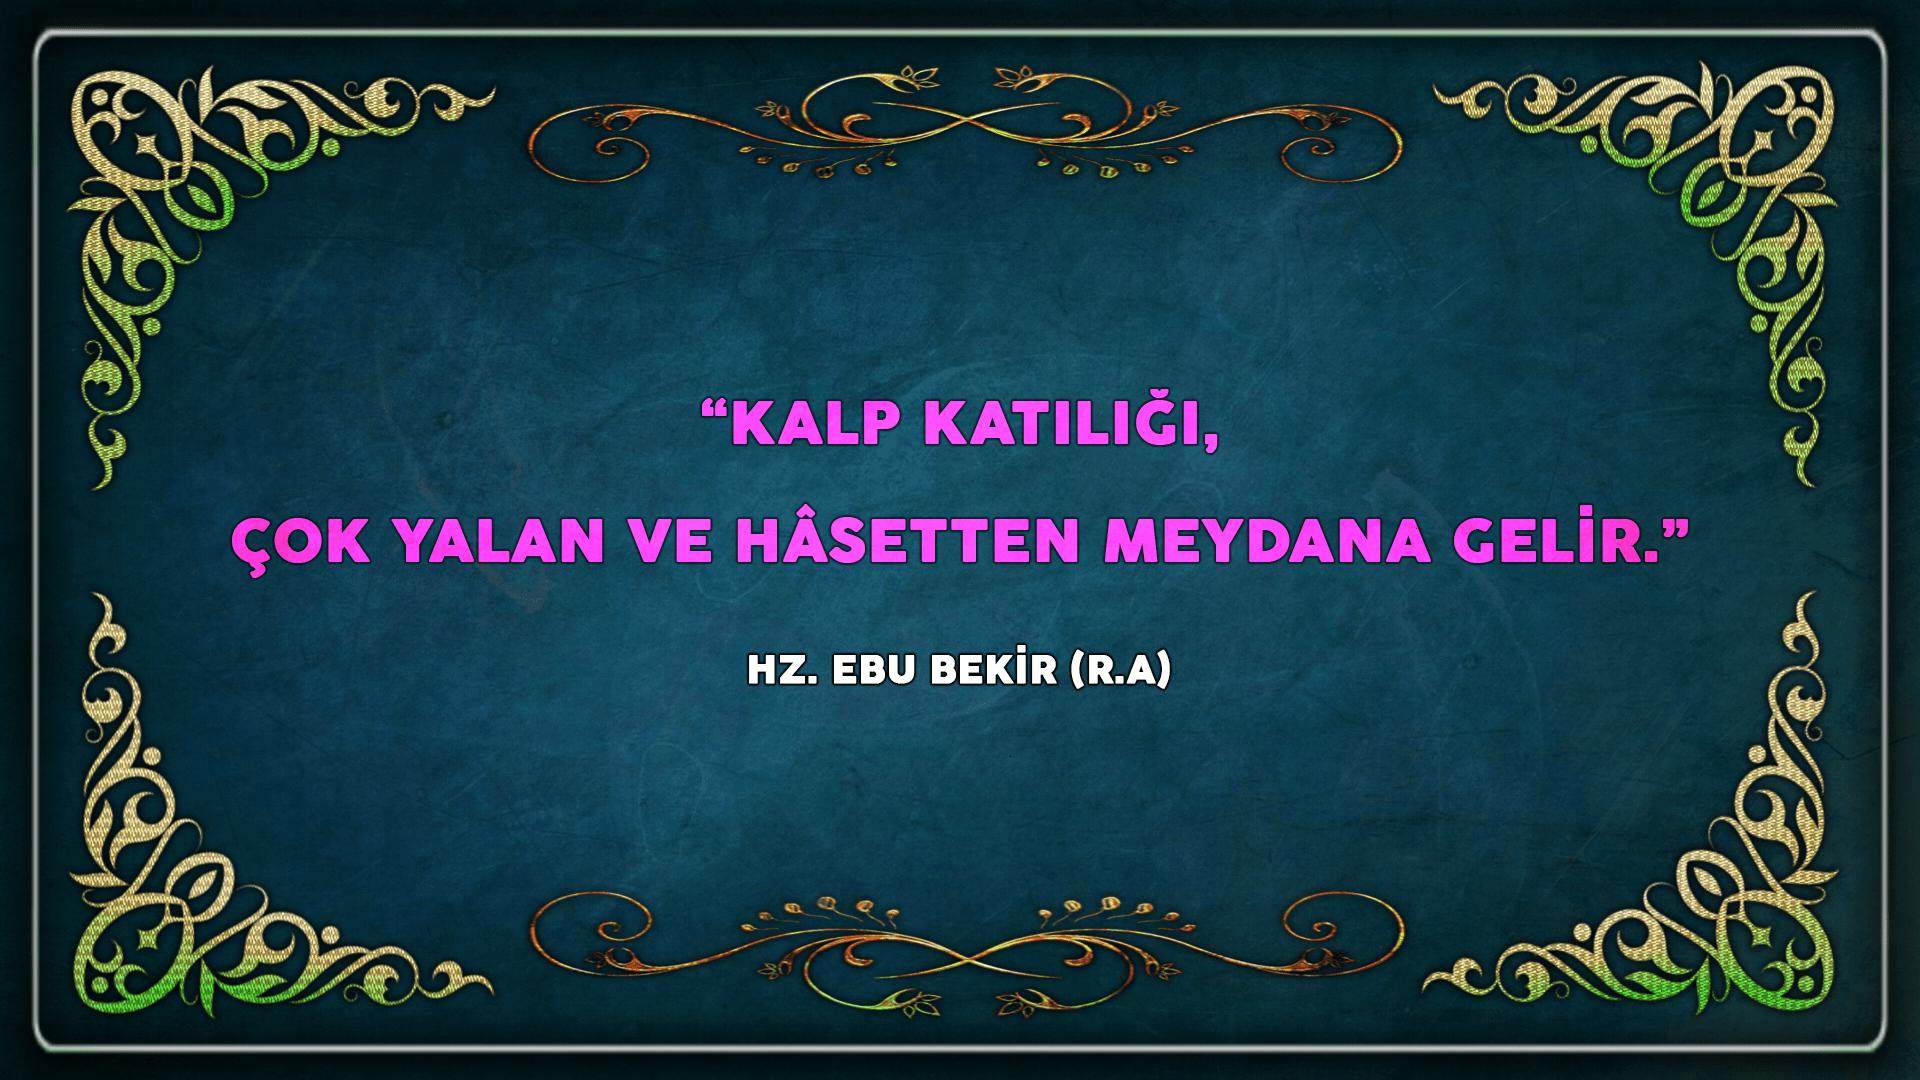 ÖZLÜ SÖZLER (114)